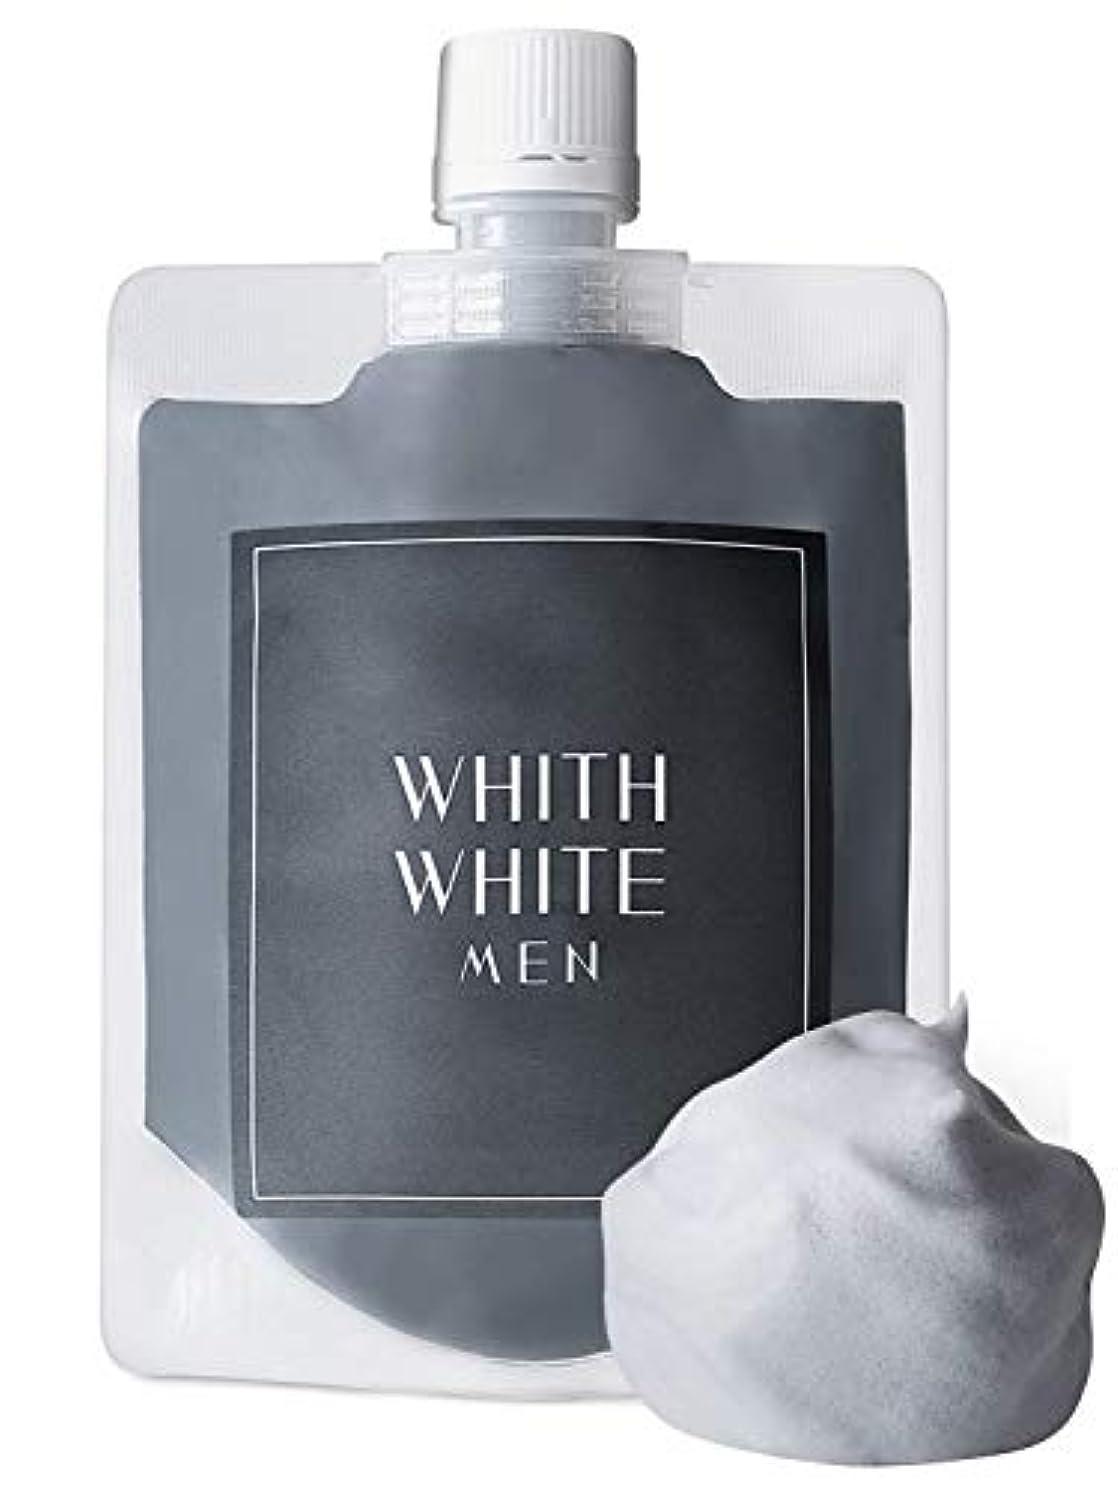 筋同僚フィス ホワイト メンズ 泥 洗顔 ネット 付き 8つの 無添加 洗顔フォーム (炭 泡 クレイ で 顔 汚れ を 落とす) (日本製 洗顔料 130g リッチ セット)(どろ で 毛穴 を ごっそり 除去)